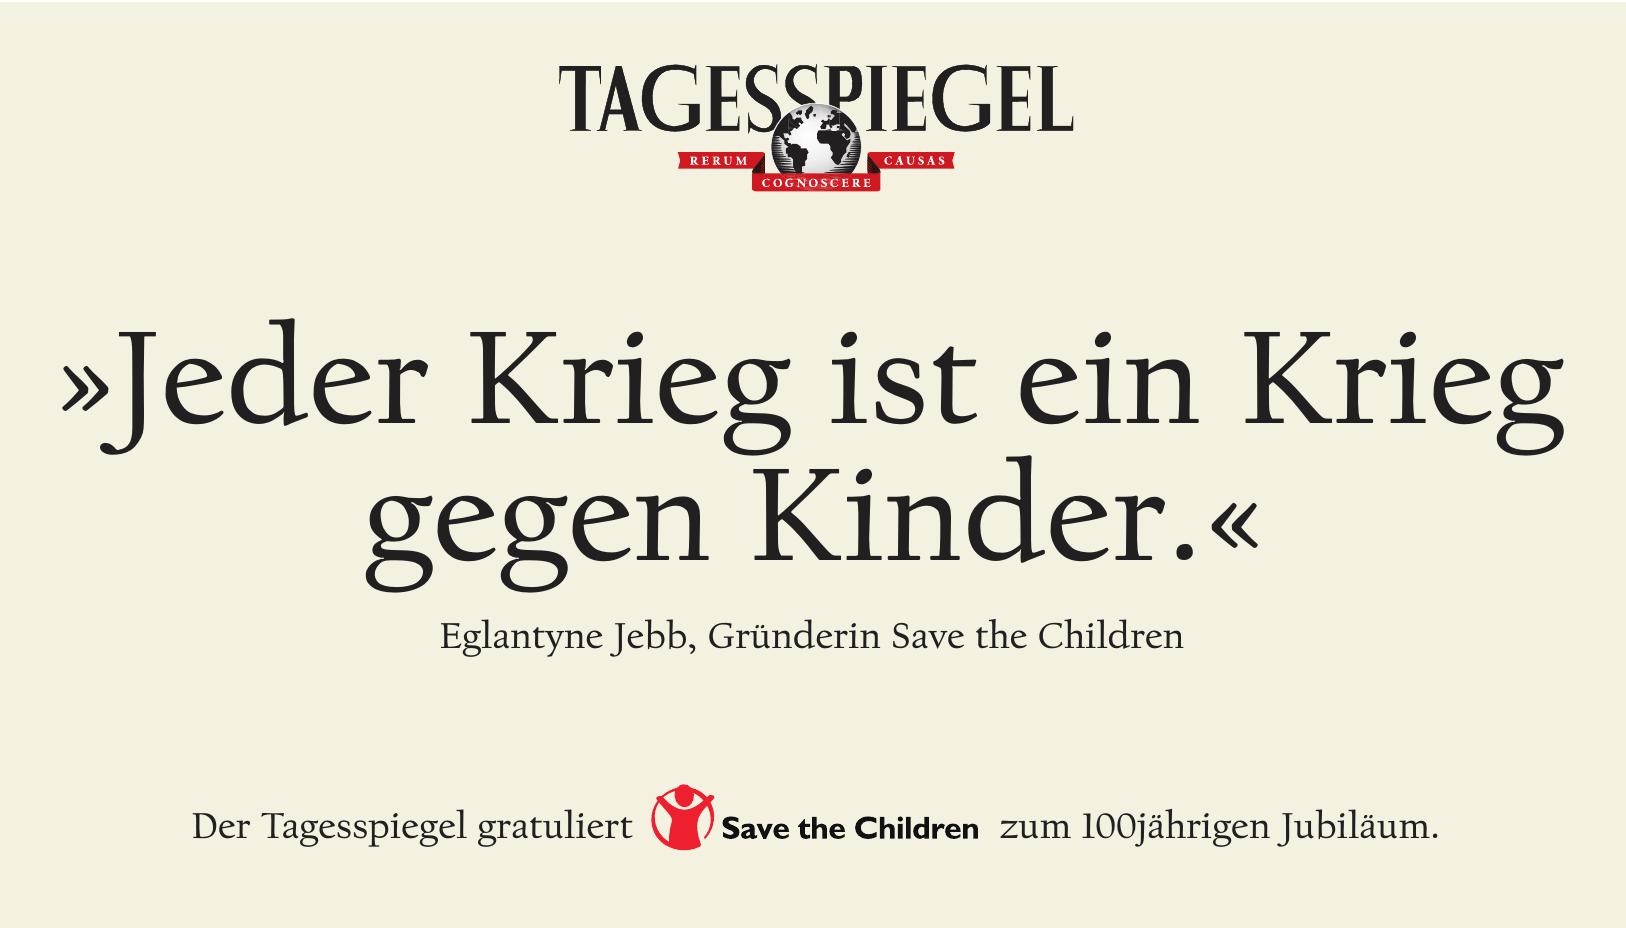 Der Tagesspiegel gratuliert Save the Children zum 100jährigen Jubiläum.